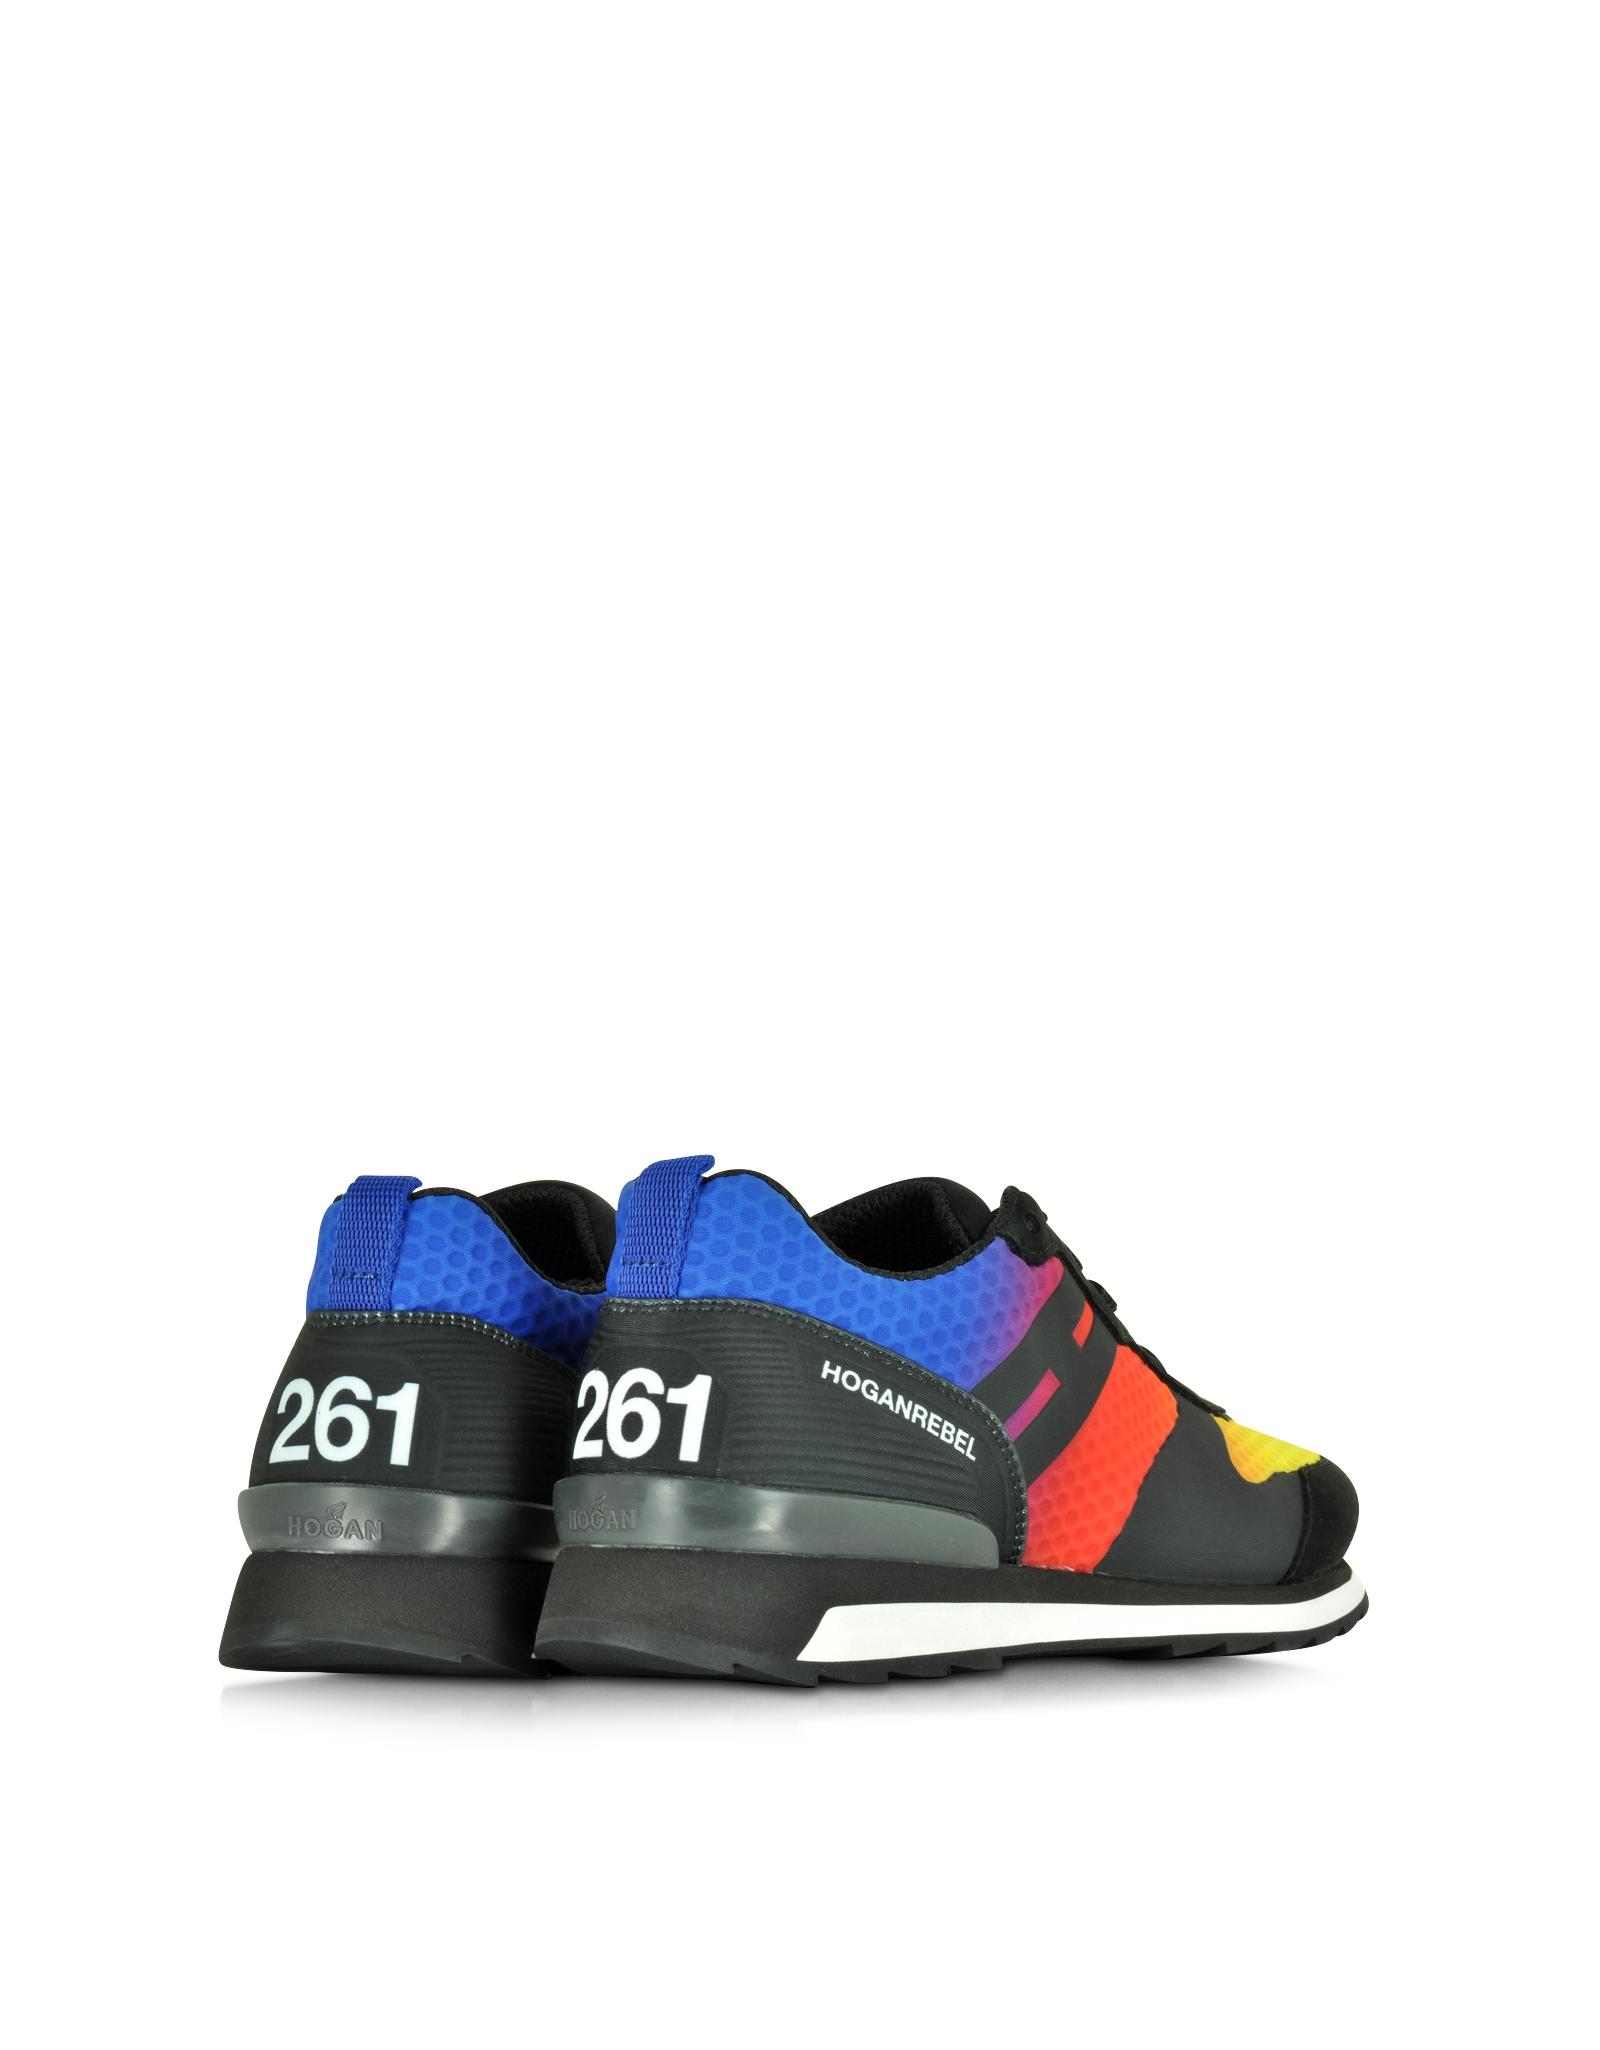 hogan rebel r261 multicolor